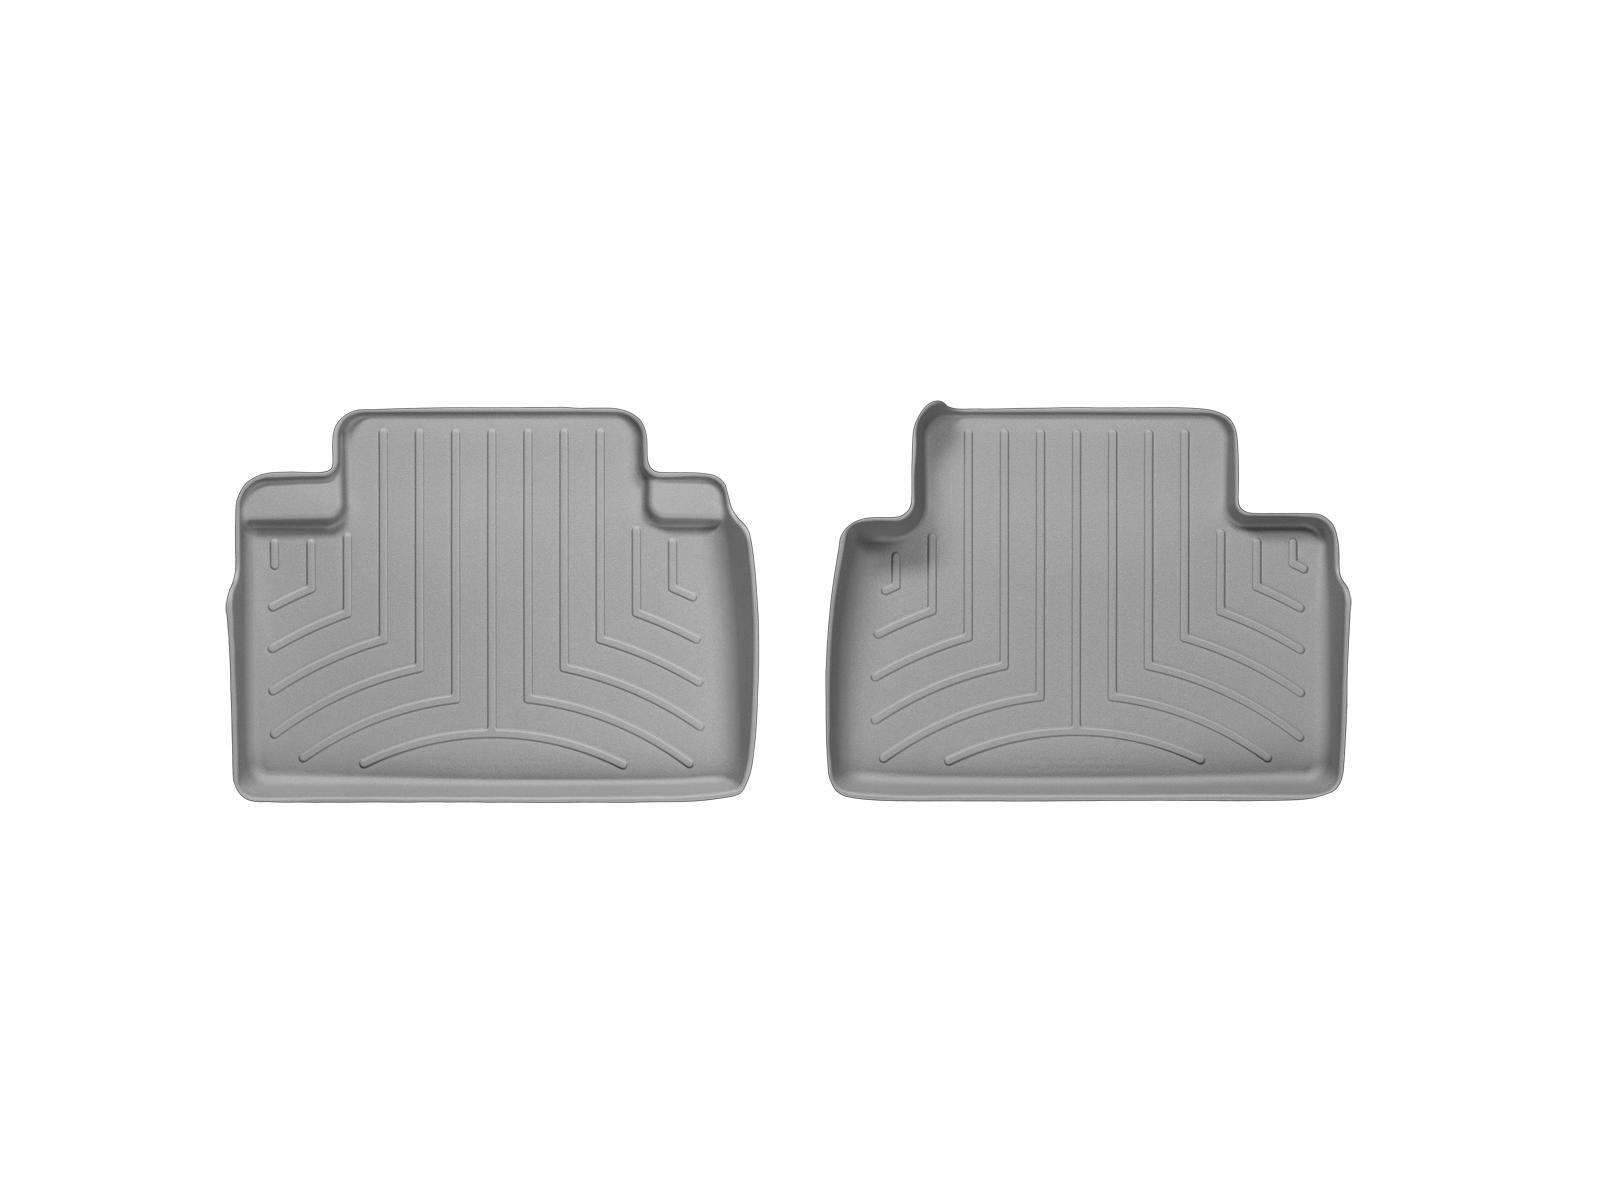 Tappeti gomma su misura bordo alto Infiniti FX 08>12 Grigio A1518